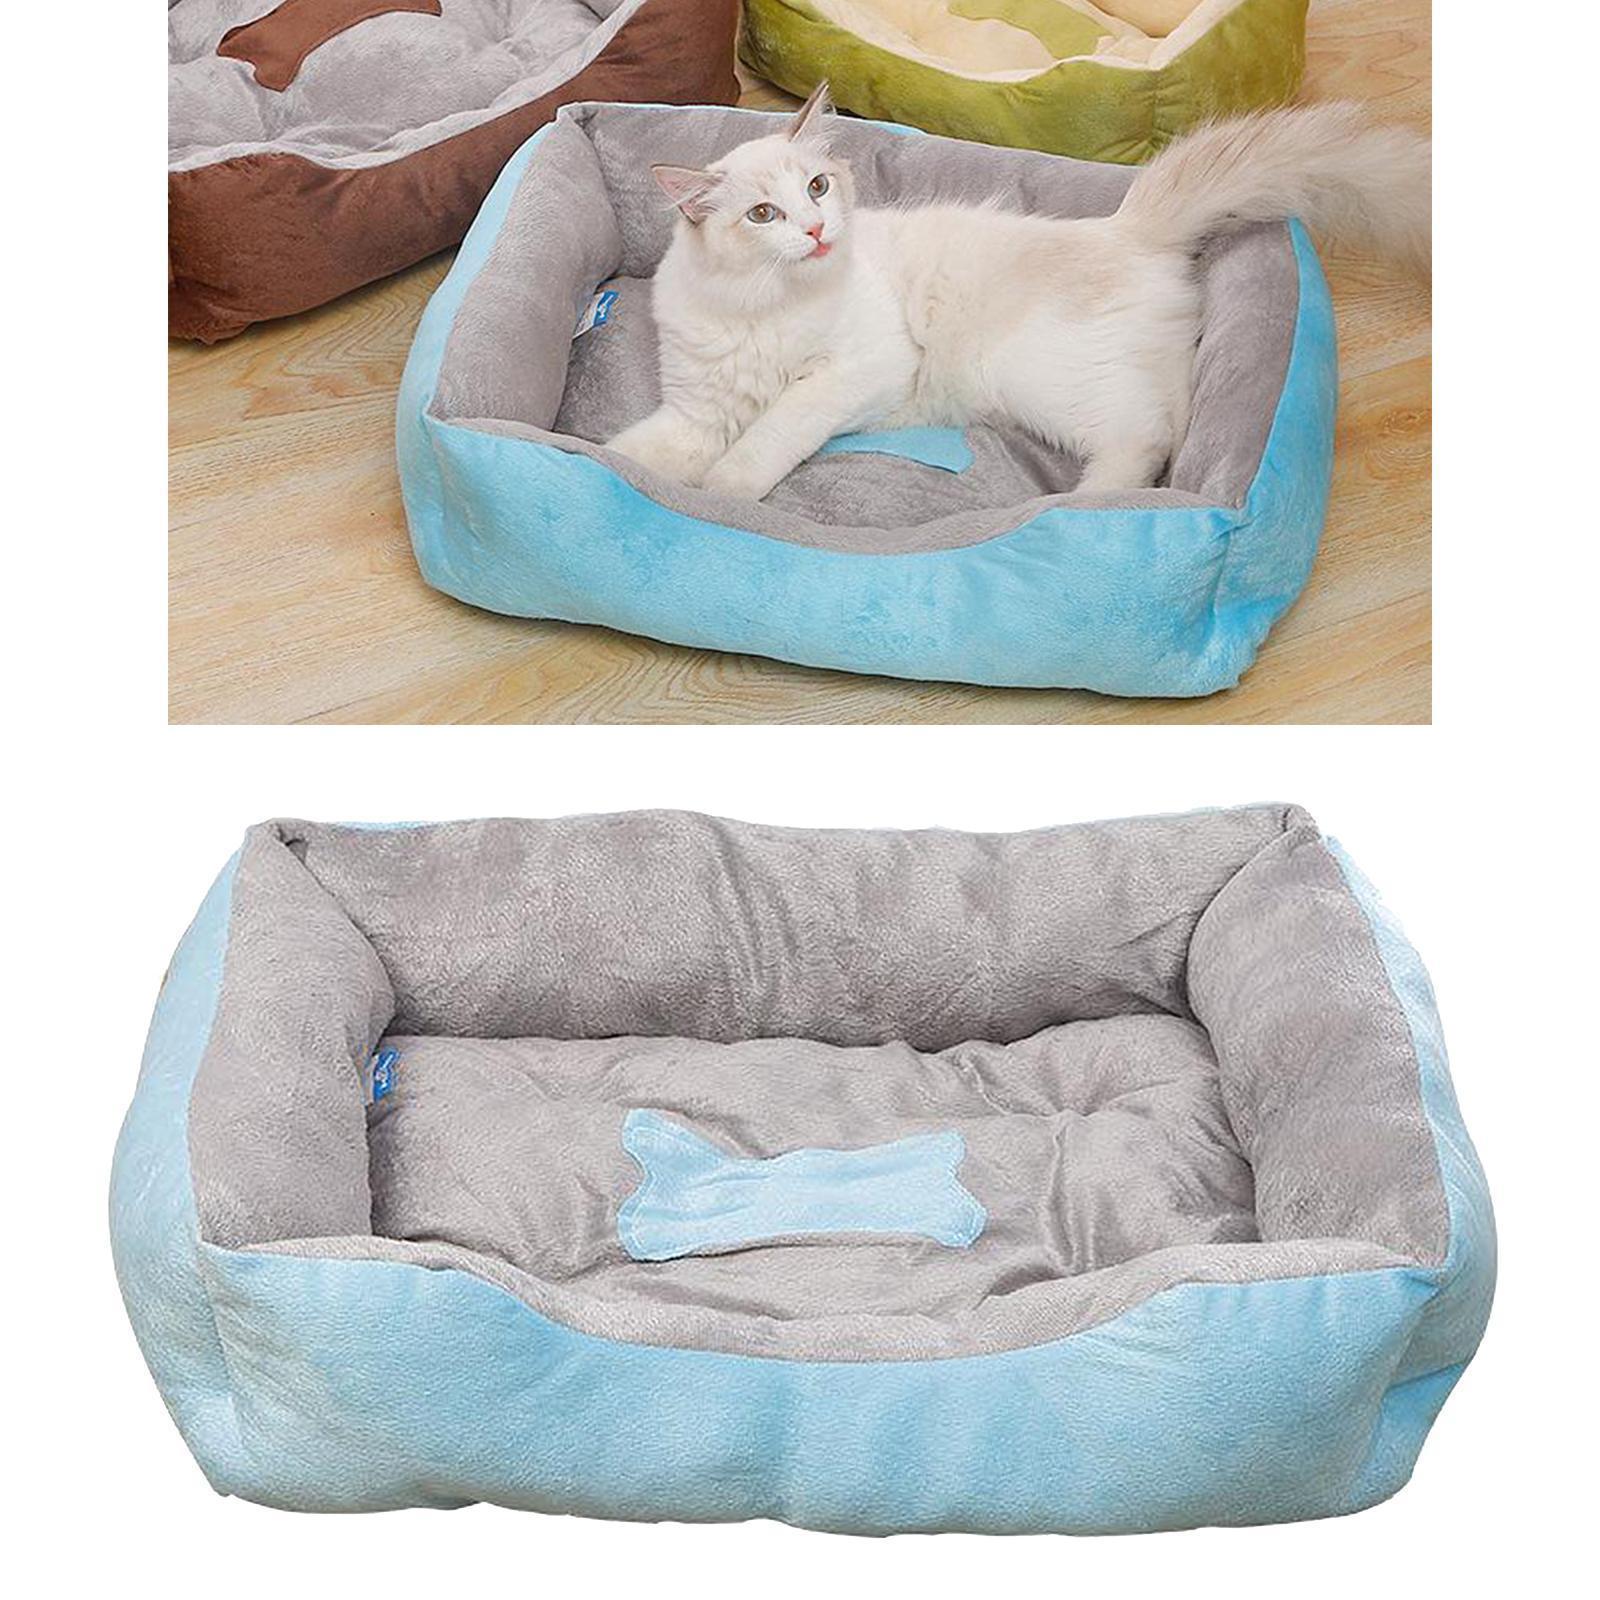 Indexbild 79 - Katze-Hund-Bett-Pet-Kissen-Betten-Haus-Schlaf-Soft-Warmen-Zwinger-Decke-Nest